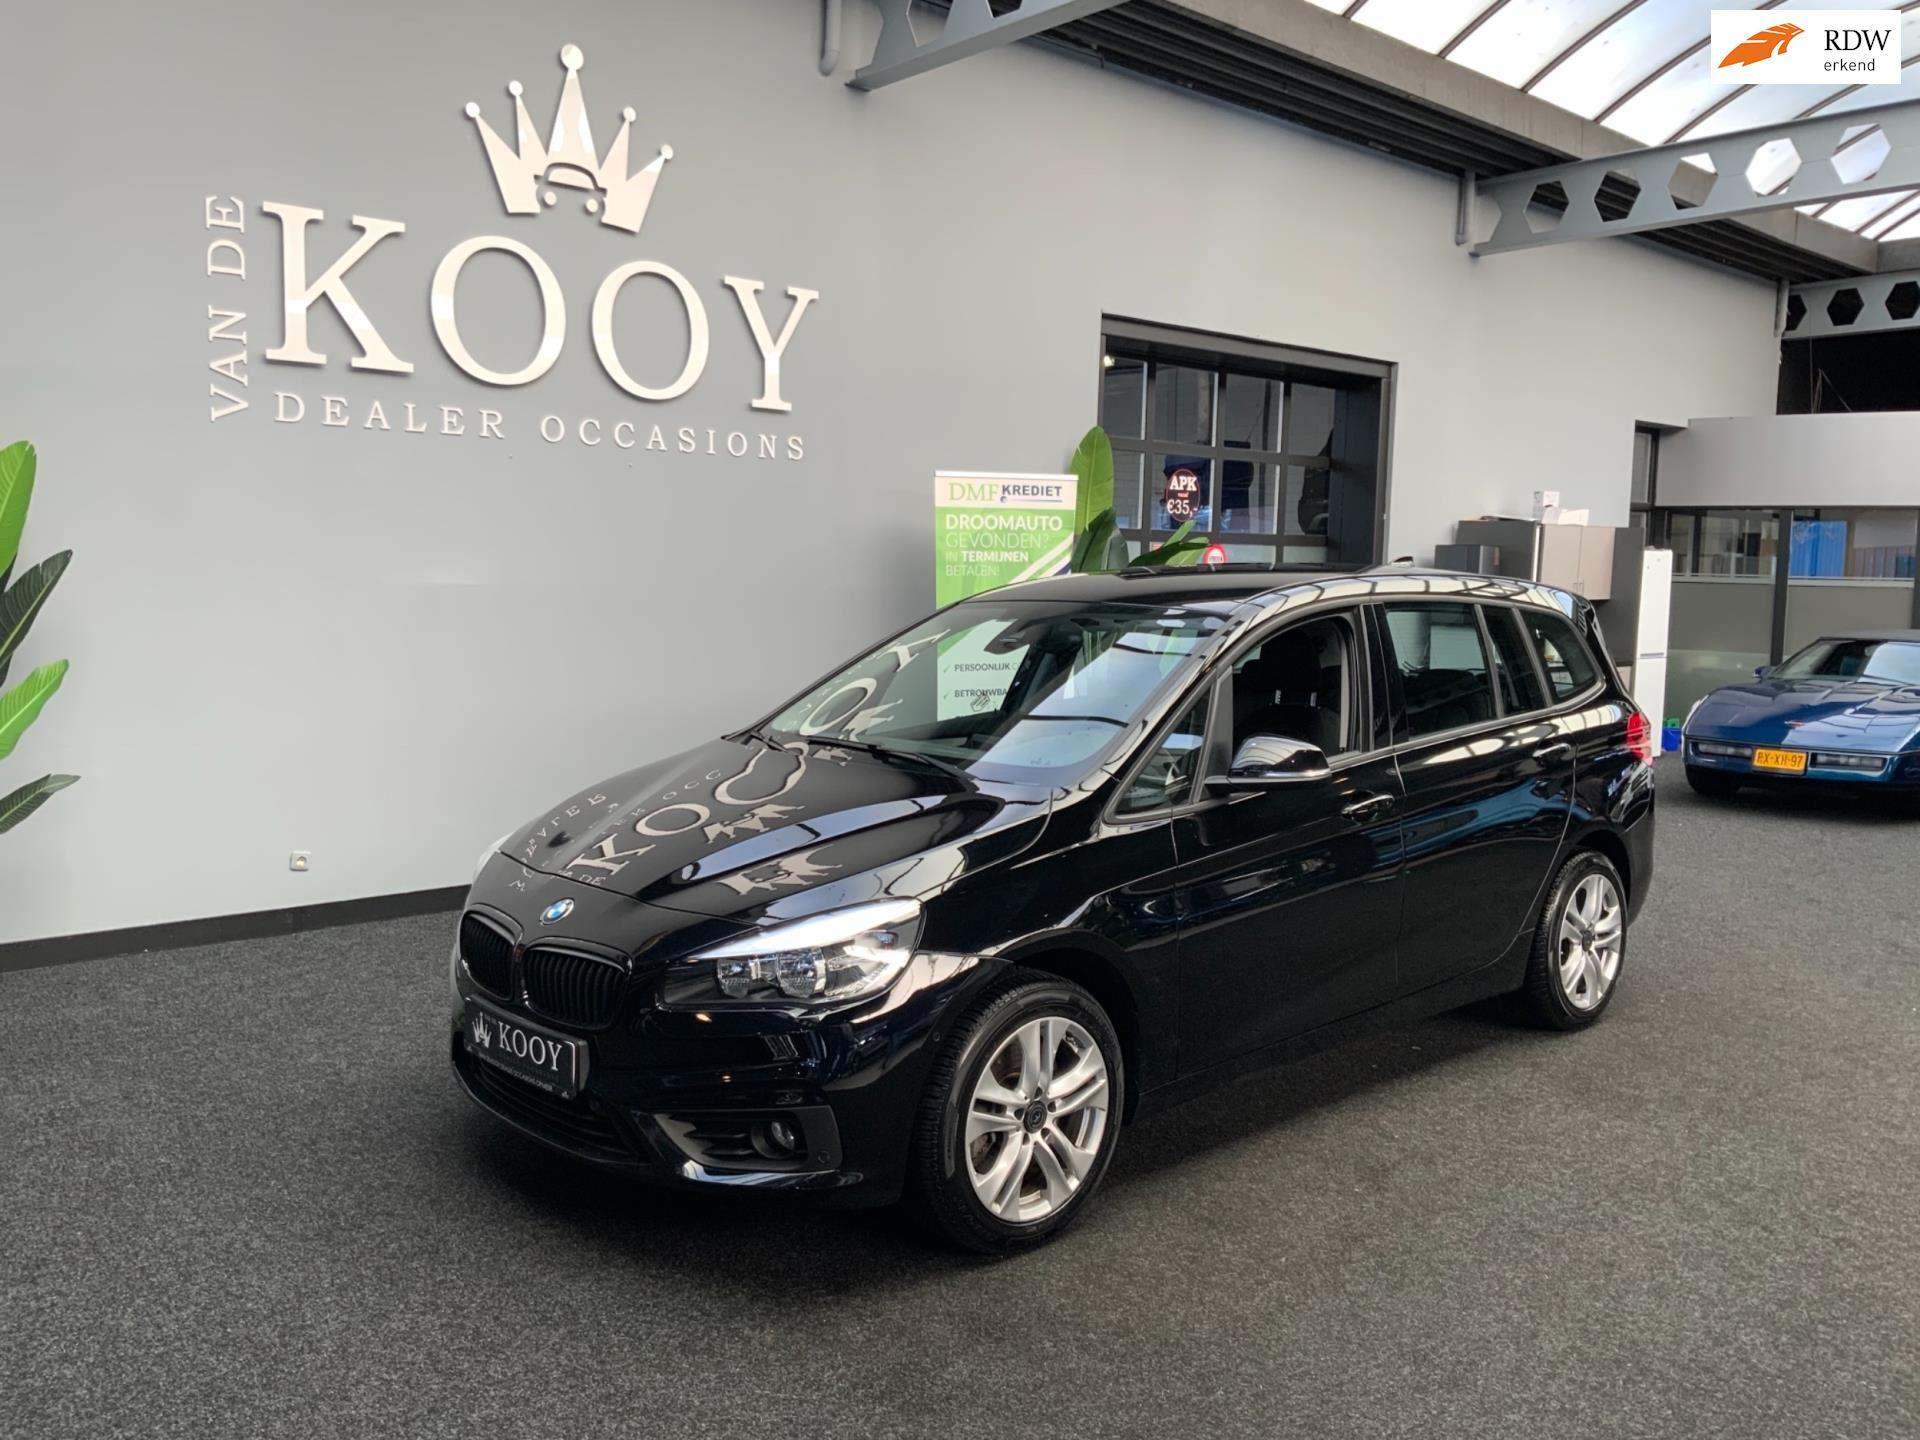 BMW 2-serie Gran Tourer occasion - Van De Kooy Dealer Occasions Opmeer